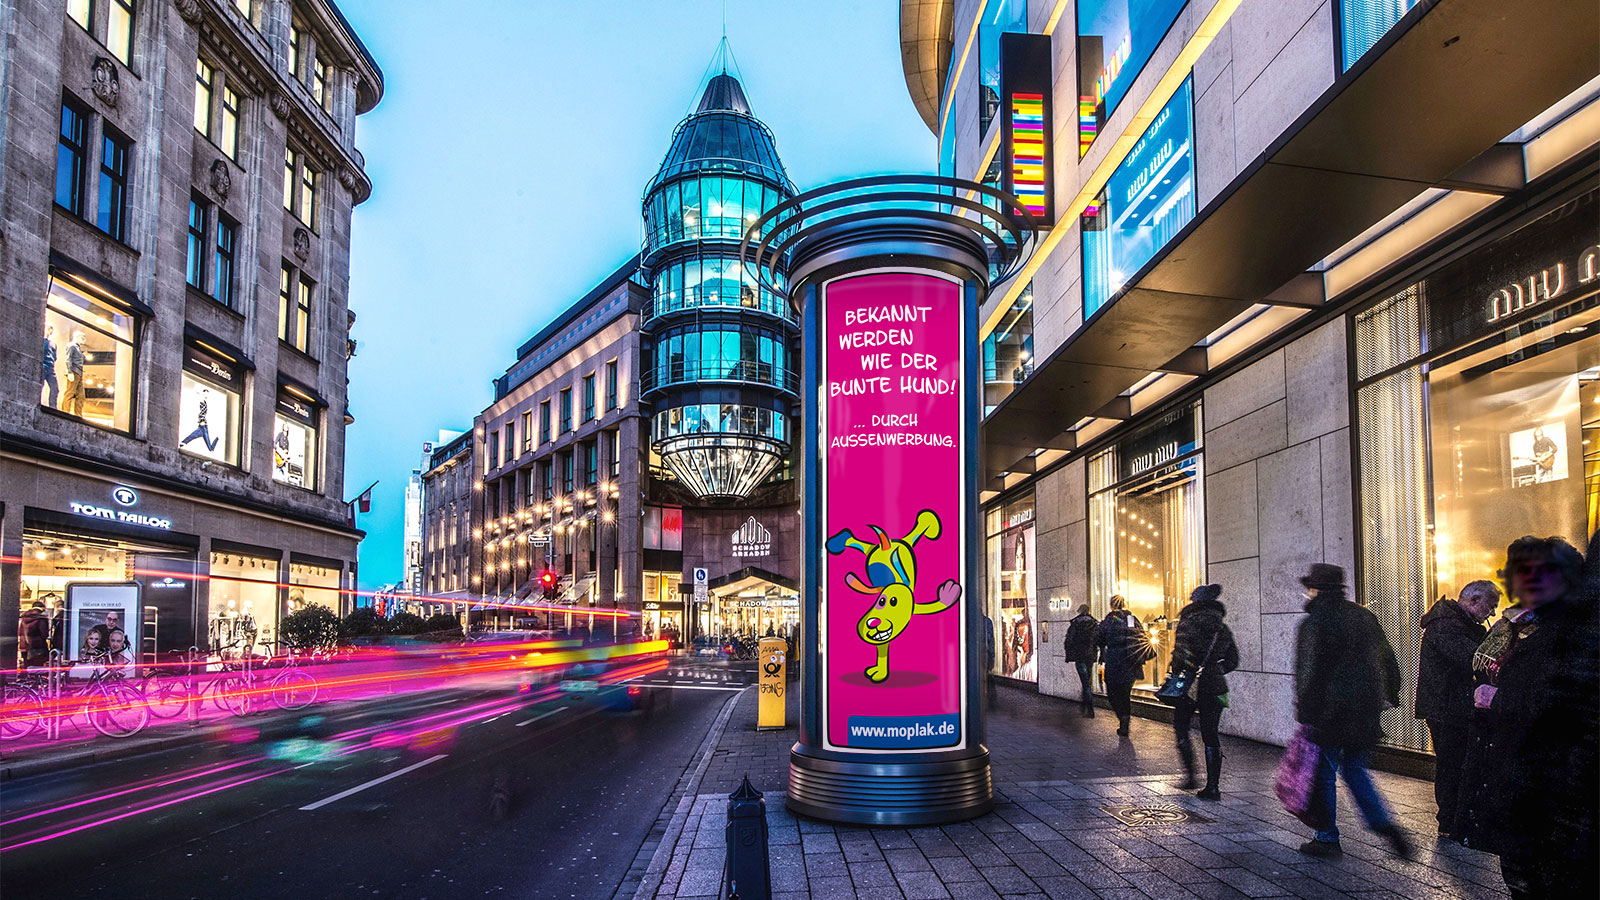 Potsdam-Aussenwerbung-Litfasssaeule-Werbung